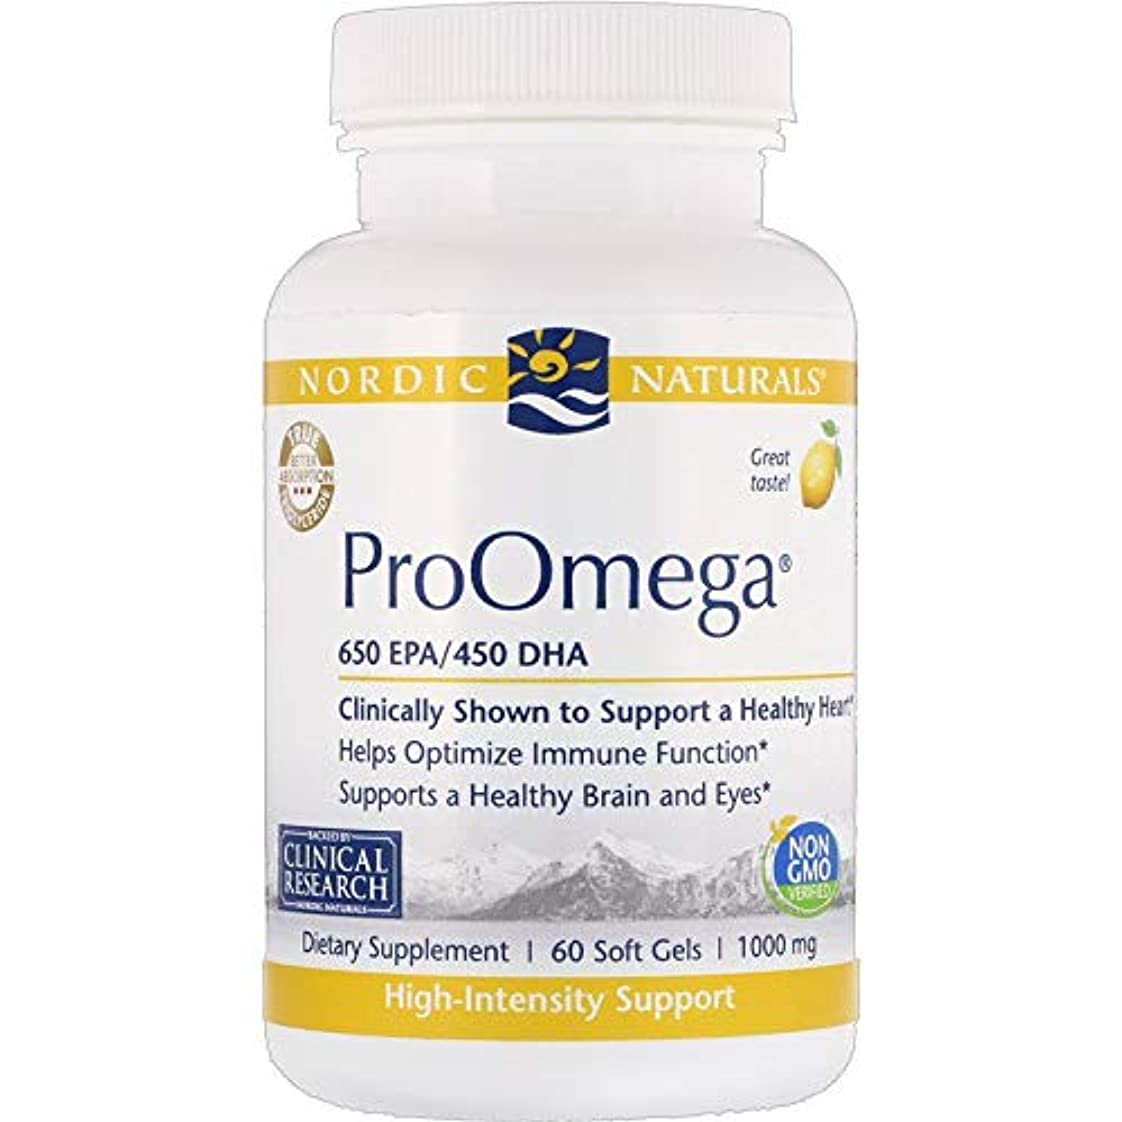 クレジット負担インゲンNordic Naturals ProOmega プロオメガ レモン味 650 EPA / 450 DHA 1000 mg 60粒 [海外直送品]